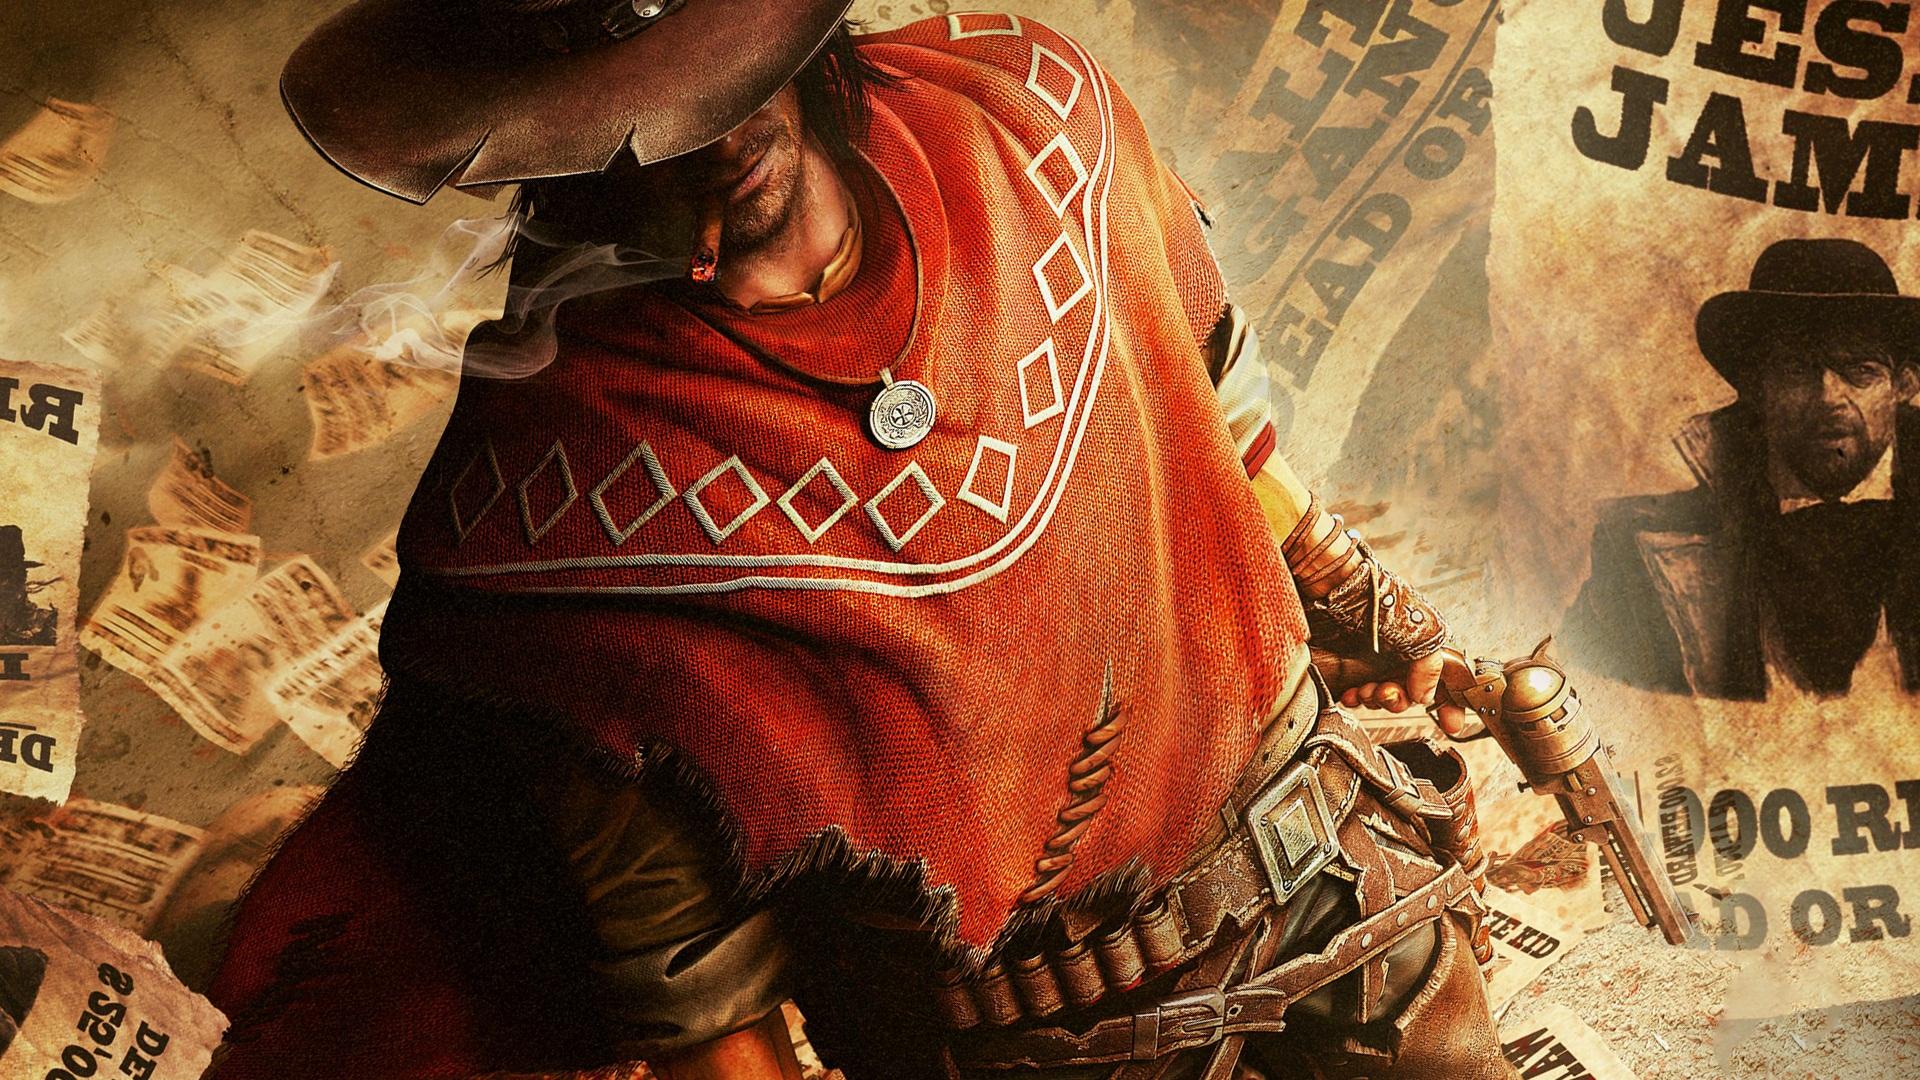 Call of Juarez Gunslinger wallpaper 2